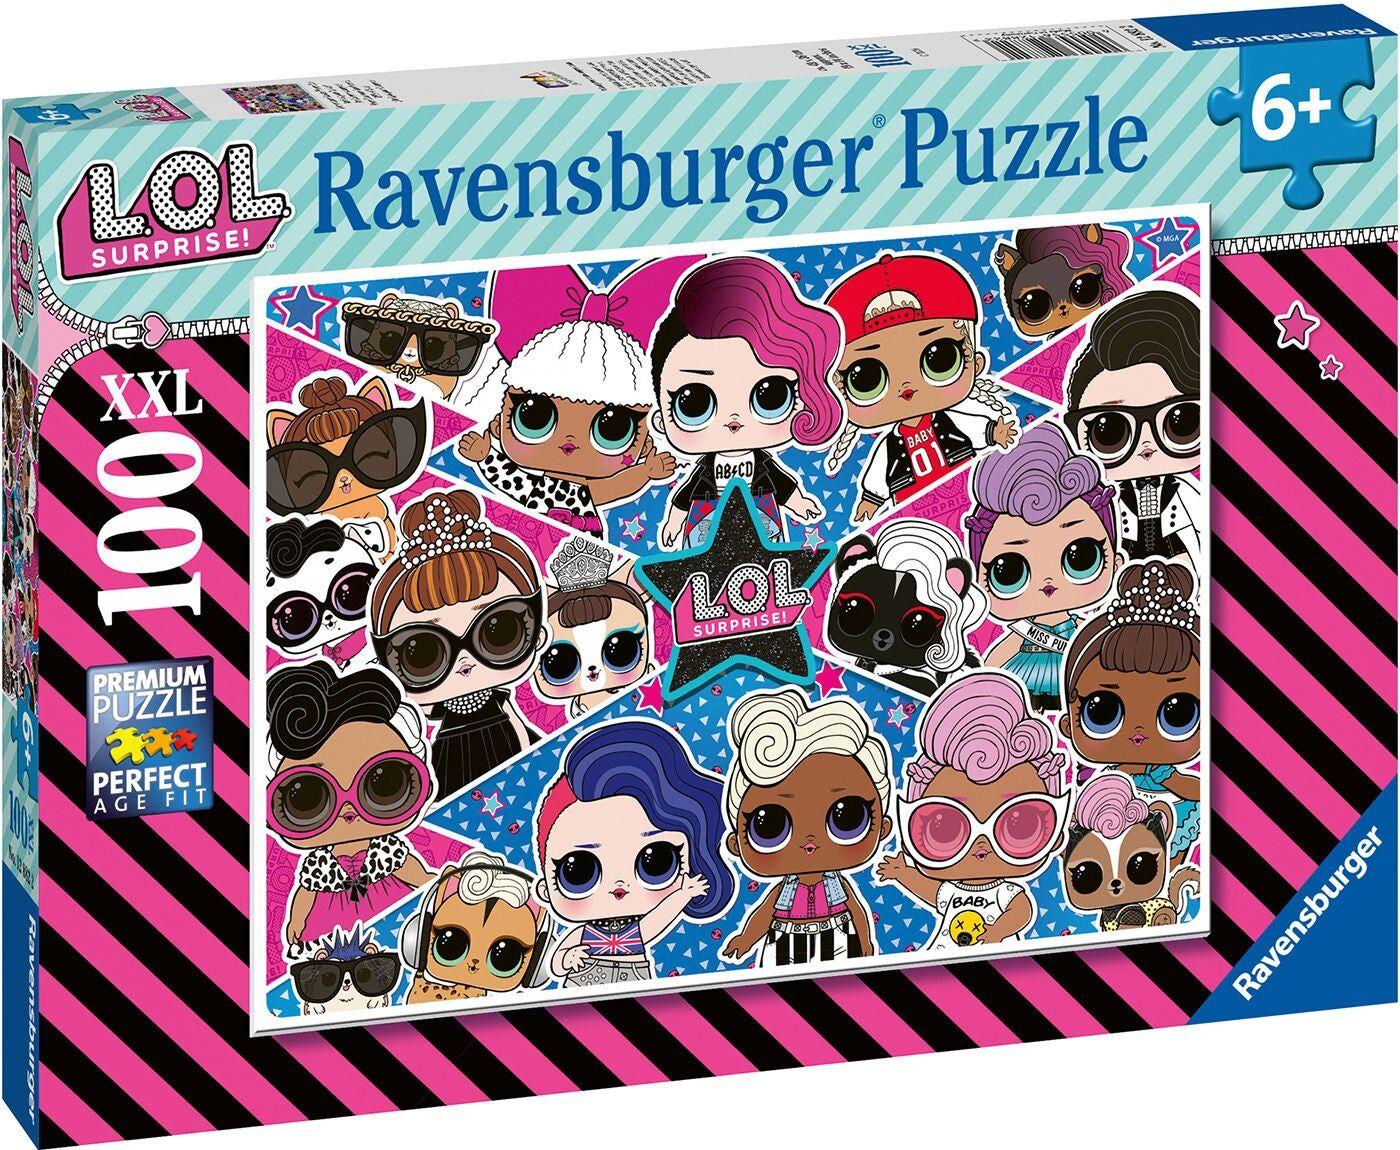 Ravensburger Puslespill L.O.L. Surprise! XXL 100 Brikker